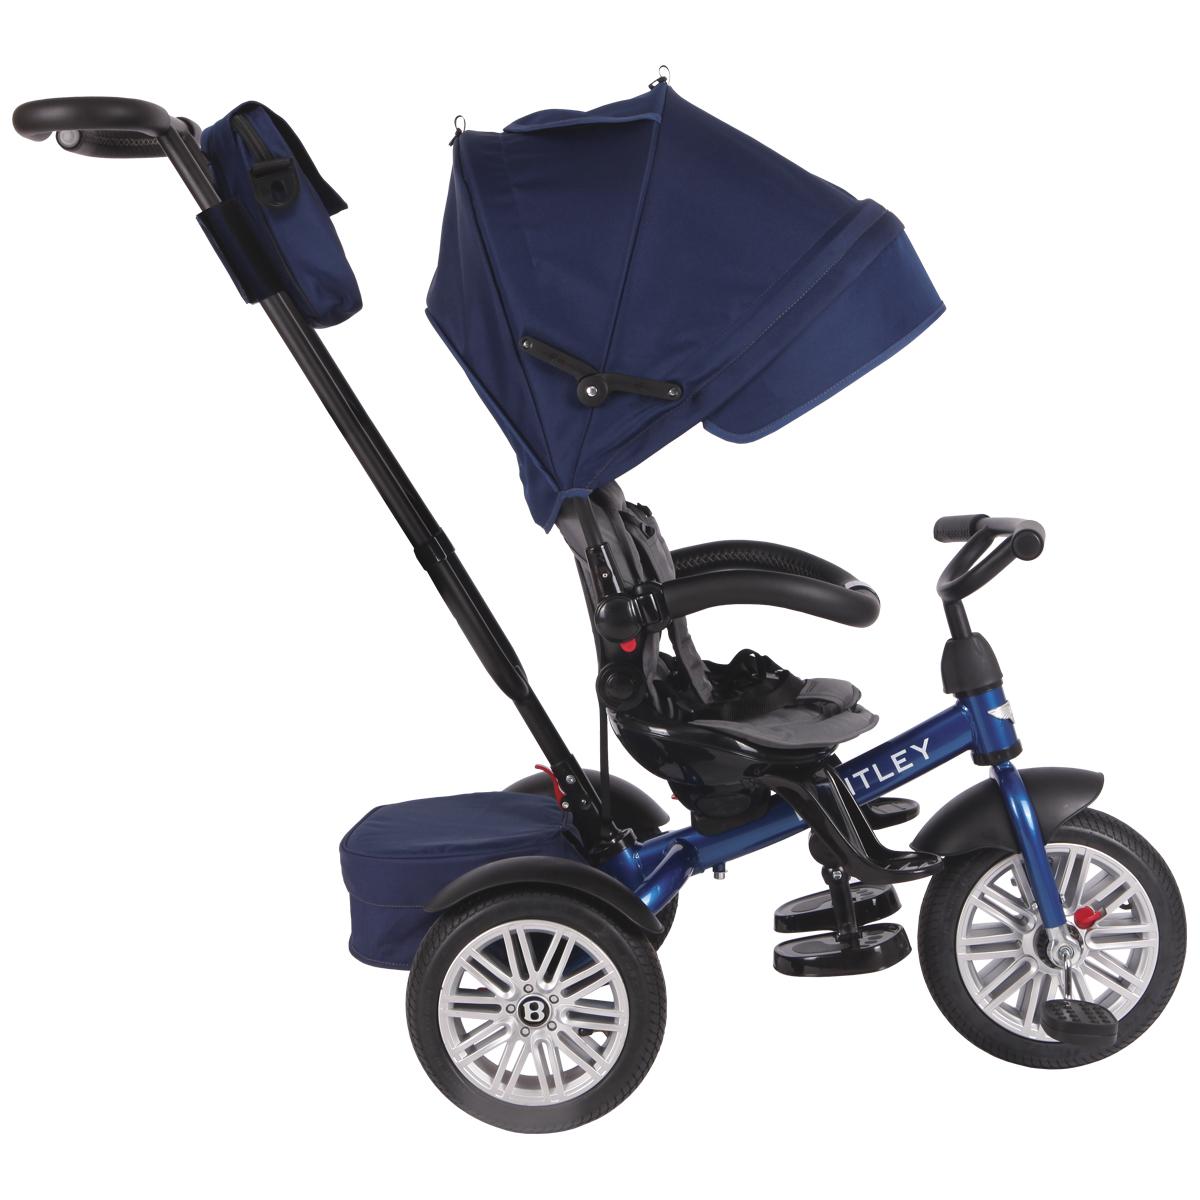 Bentley Велосипед трехколесный цвет синий BN1B - Велосипеды-каталки